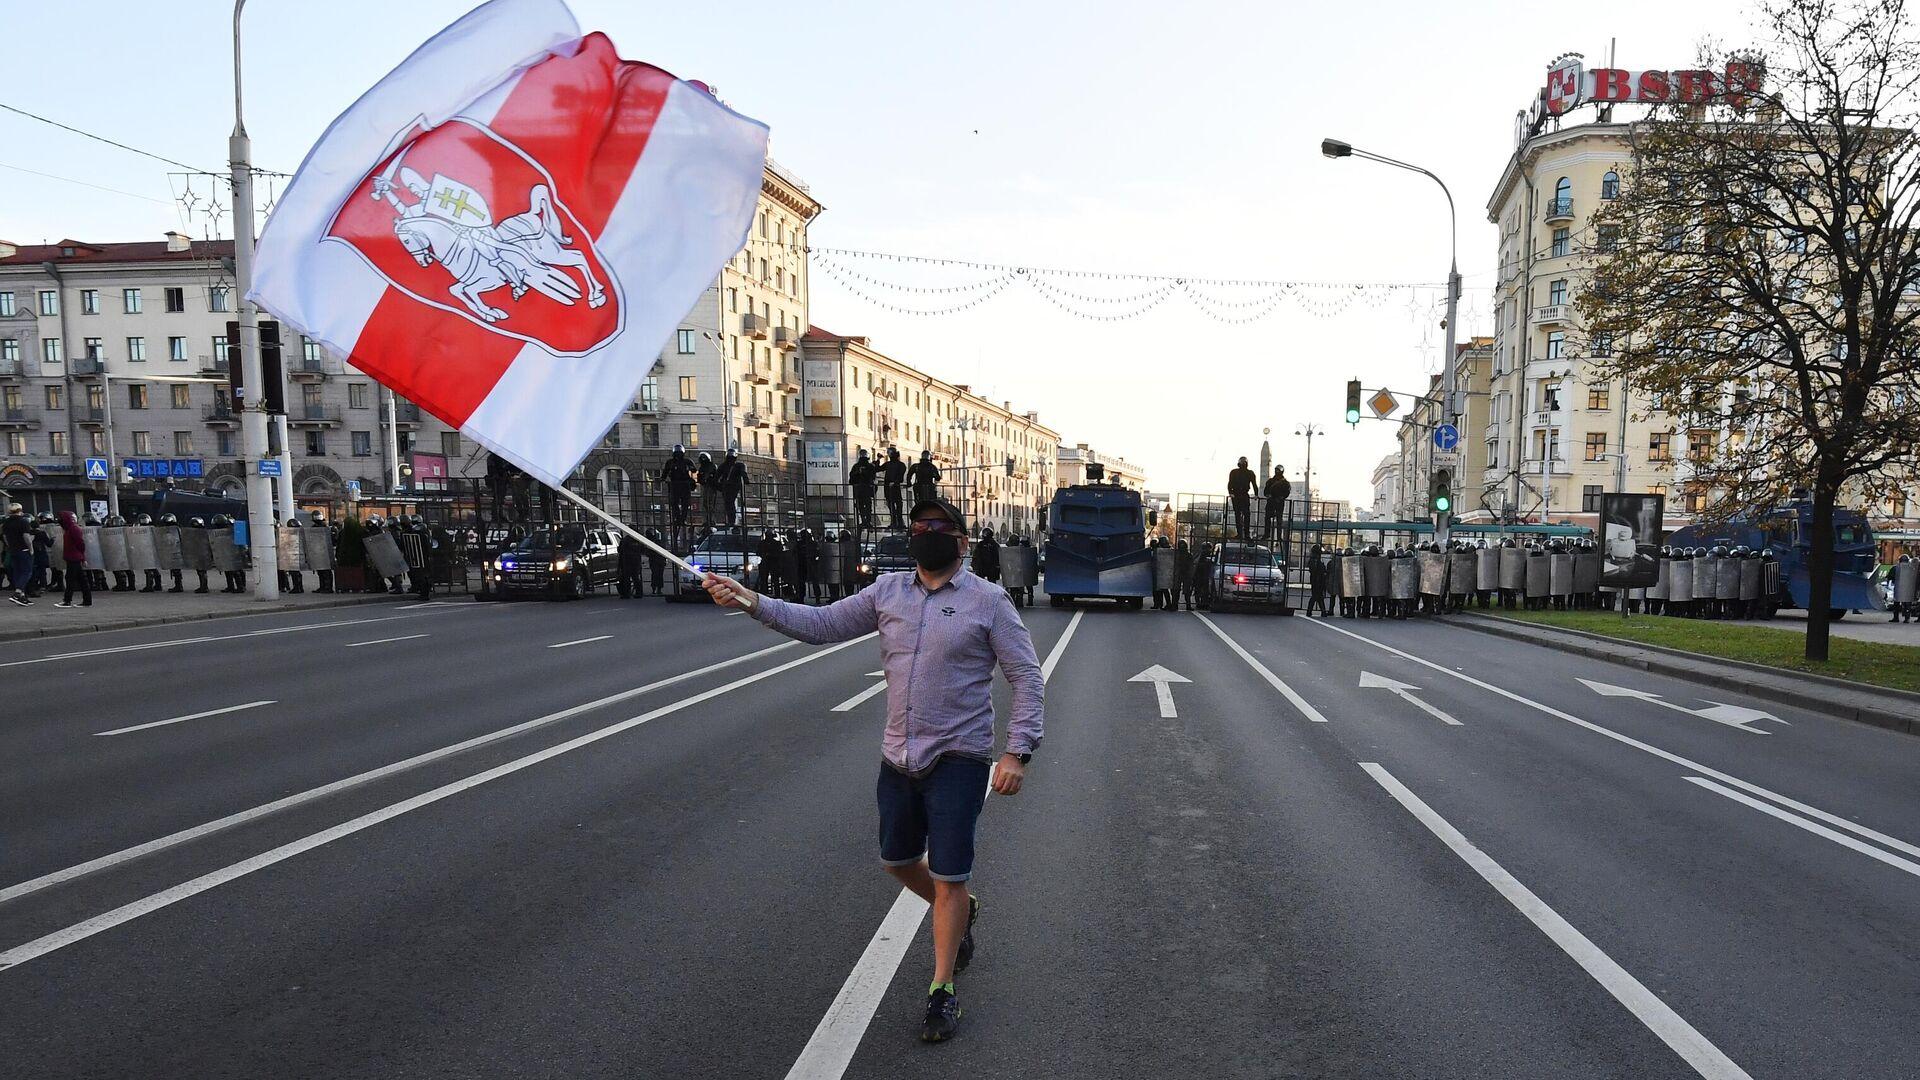 Участник и сотрудники правоохранительных органов во время акции протеста Марш справедливости в Минске - РИА Новости, 1920, 23.09.2020